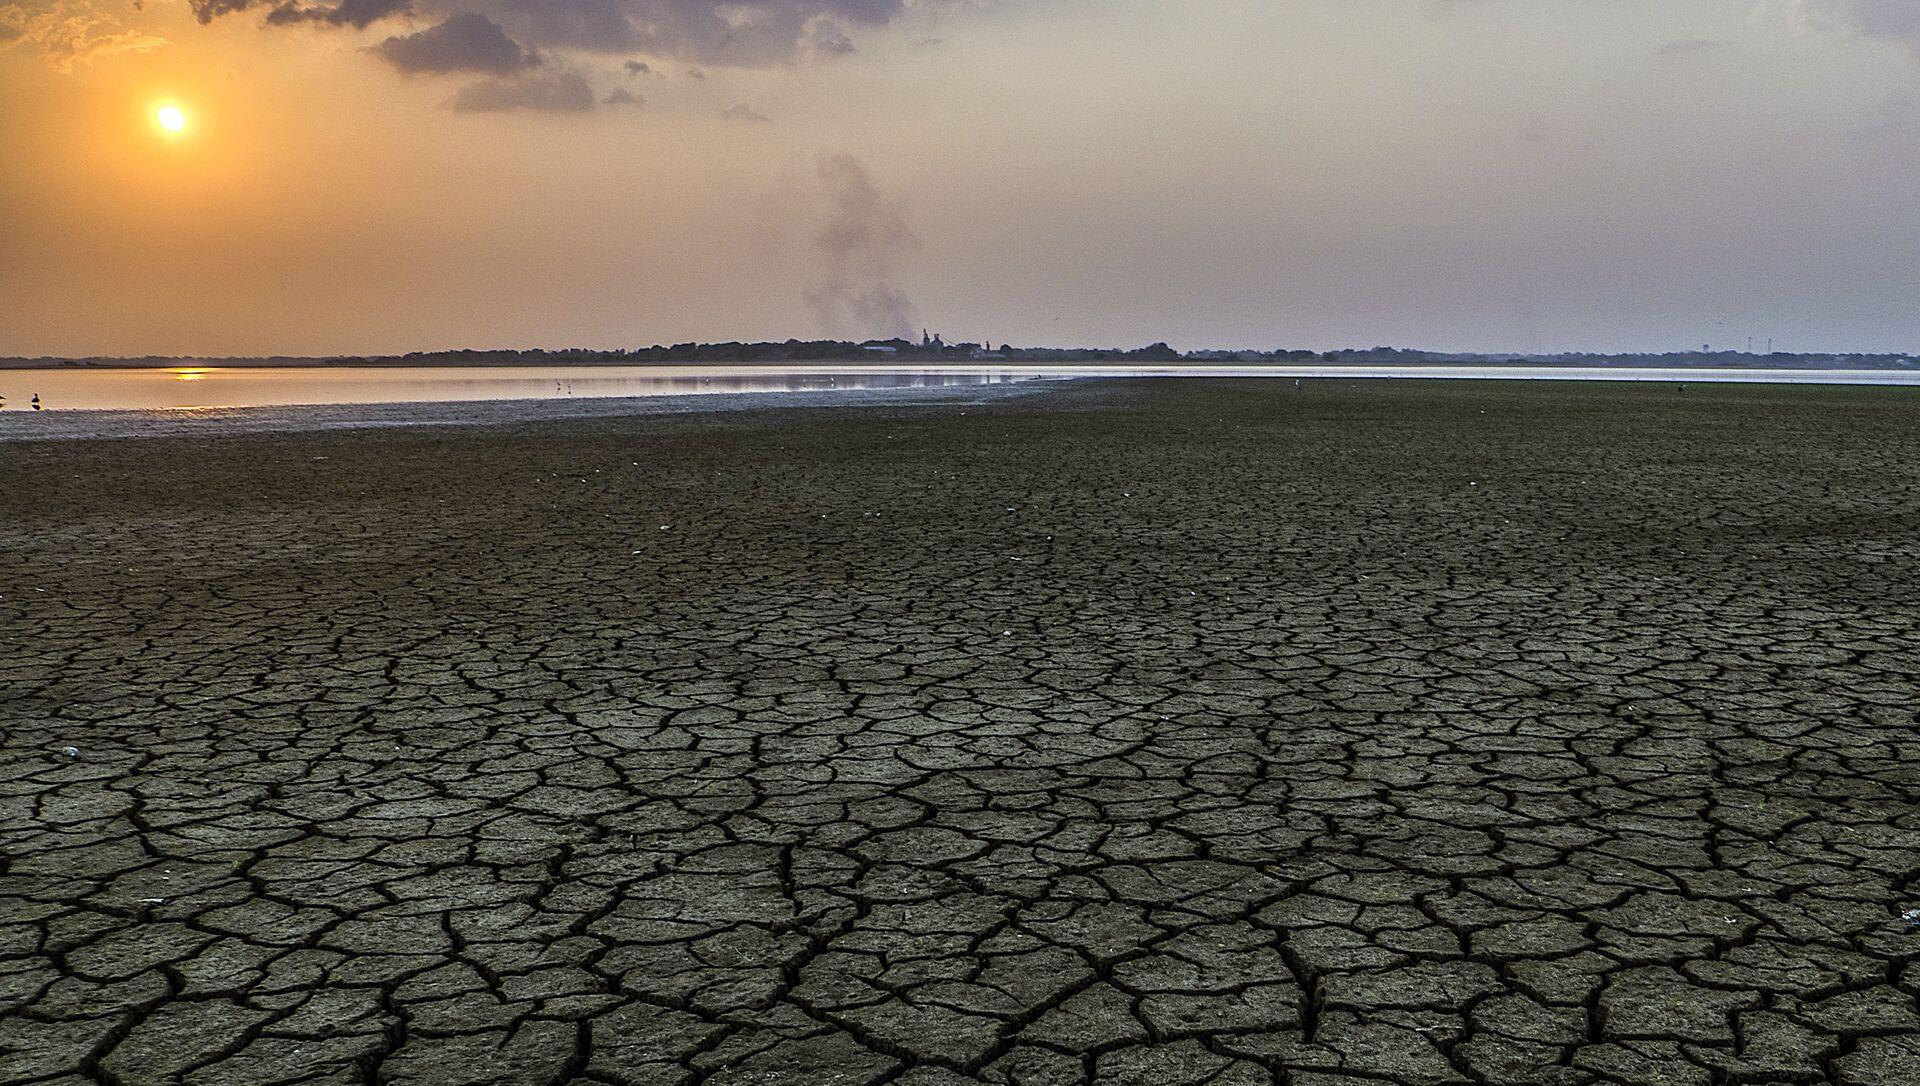 Hạn hán ở Colombia do trái đất nóng lên và ảnh hưởng của El Niño - Sputnik Việt Nam, 1920, 14.05.2021